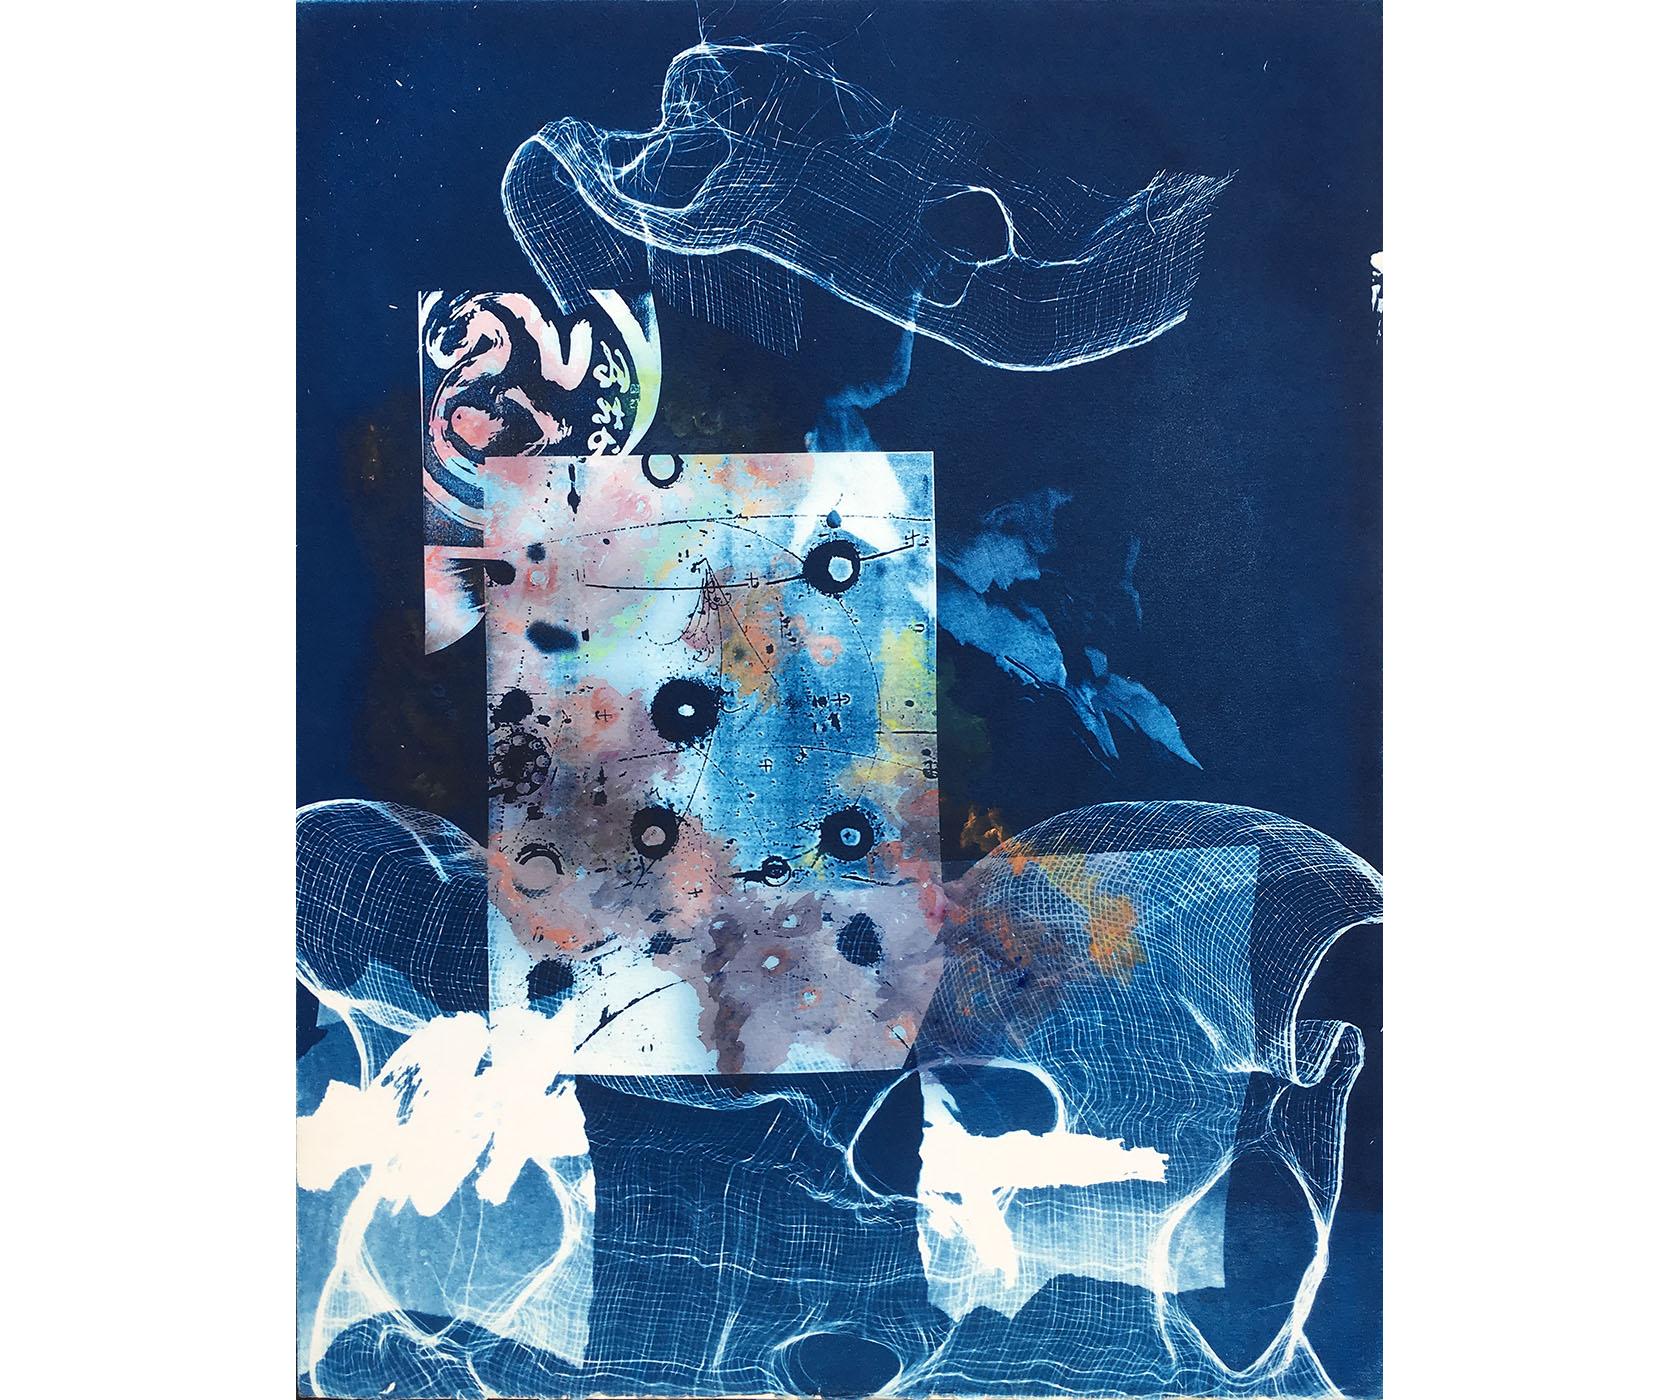 Fluctuation, 1996. Cyanotype, 24 x 18